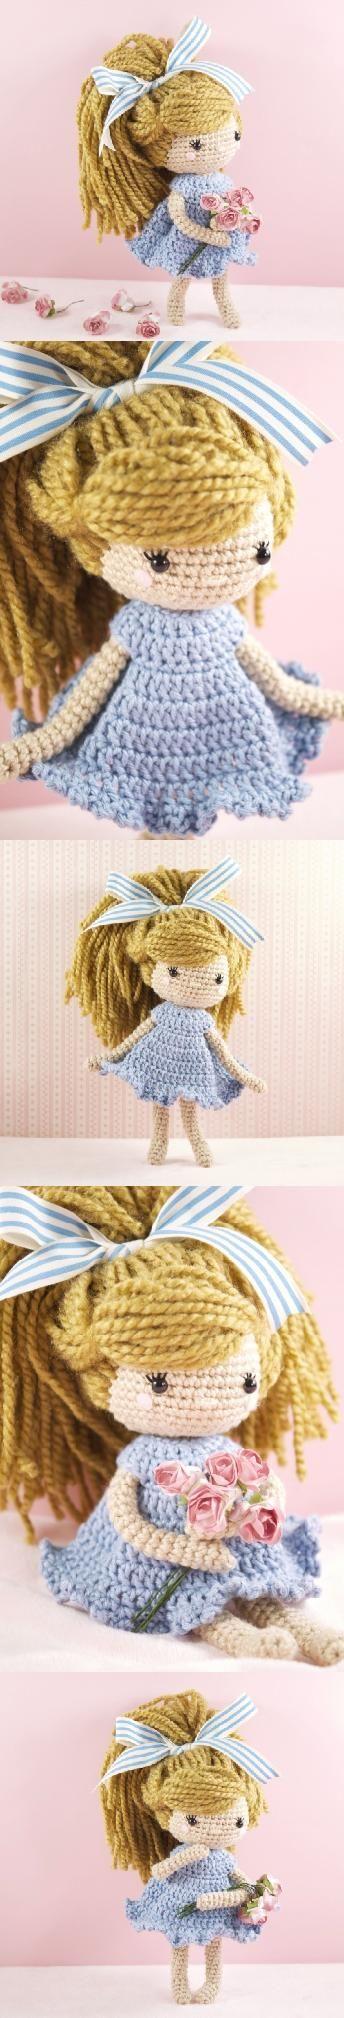 Emmy-Lou Doll Amigurumi Pattern